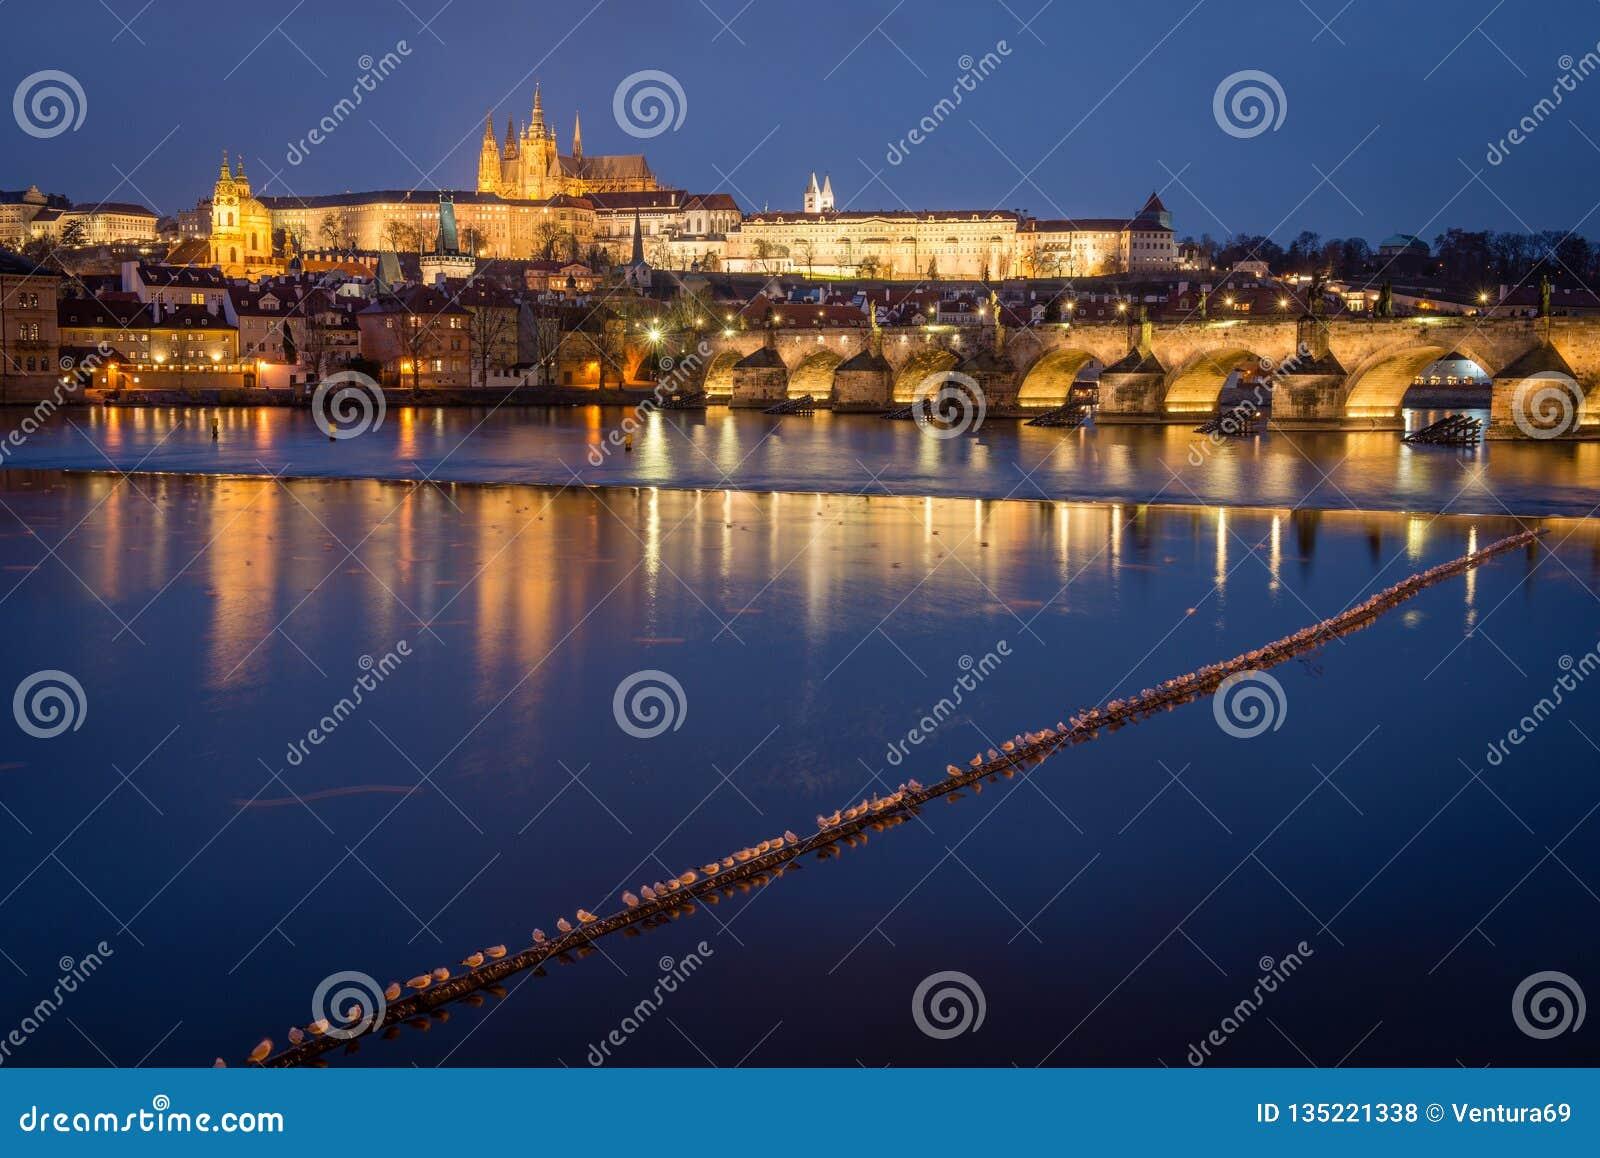 Castelo e Charles Bridge de Praga na noite, República Checa